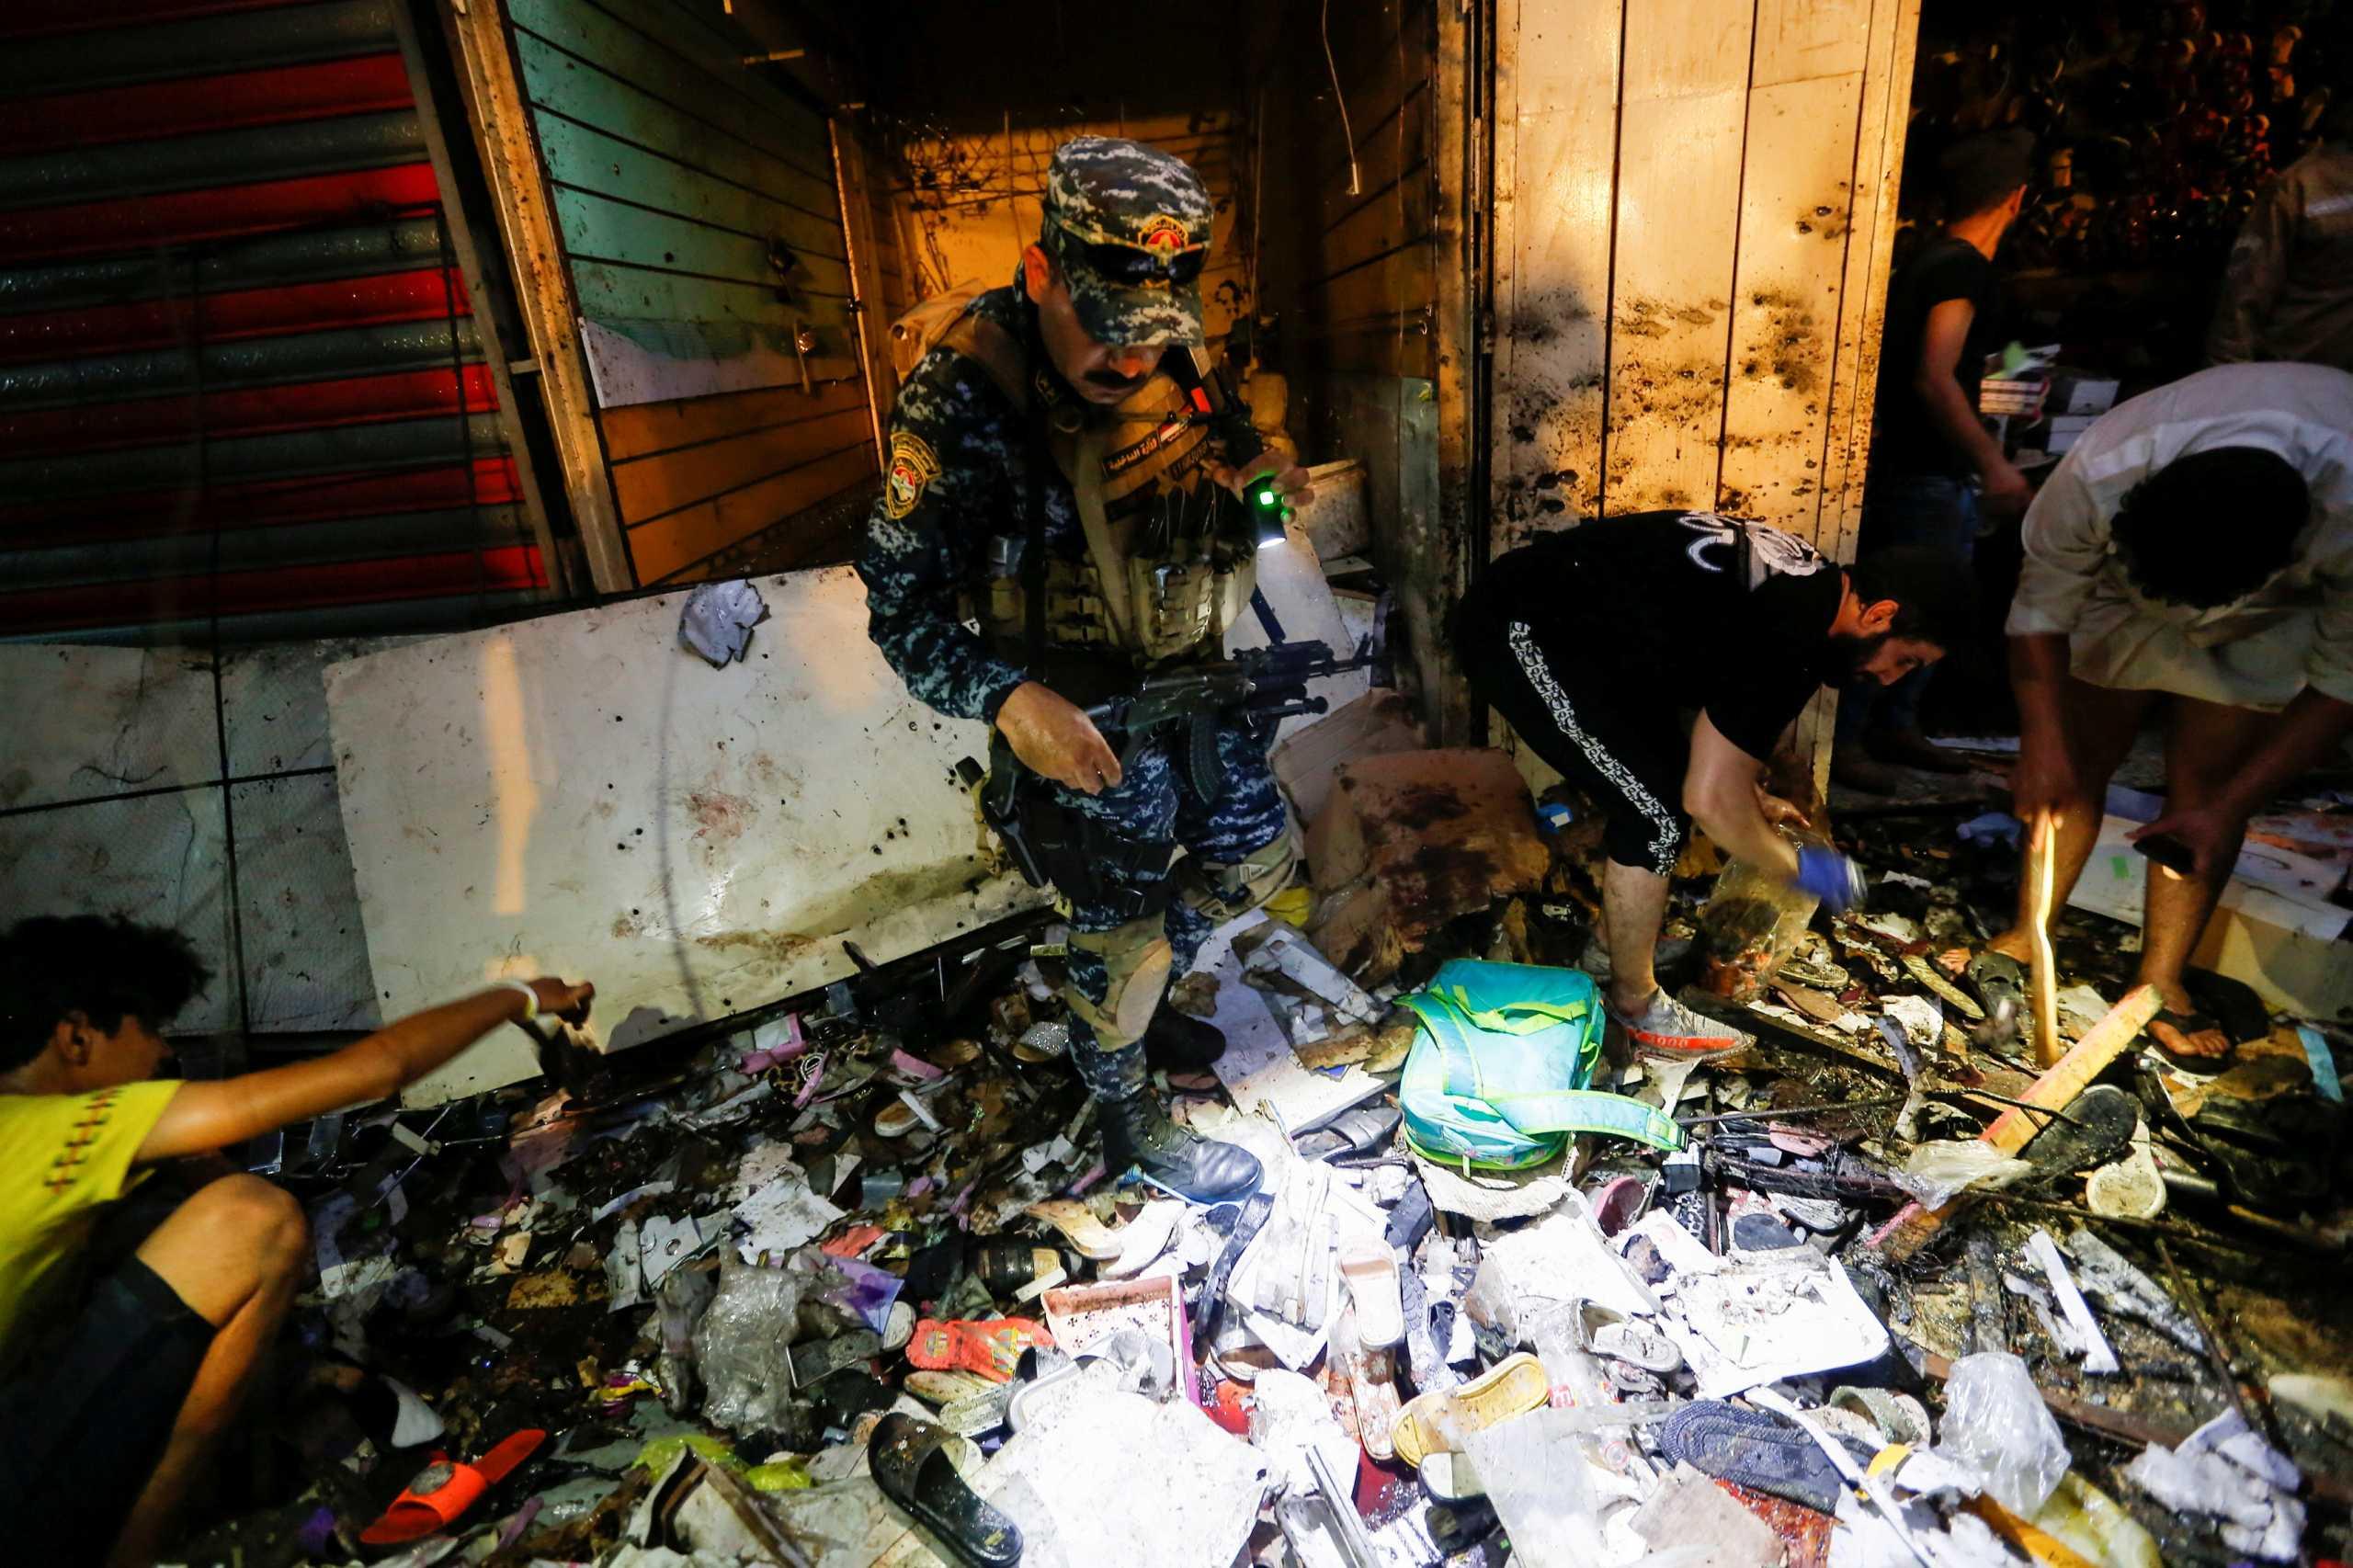 Ιράκ: Πάνω από 30 νεκροί σε επίθεση αυτοκτονίας στη Βαγδάτη